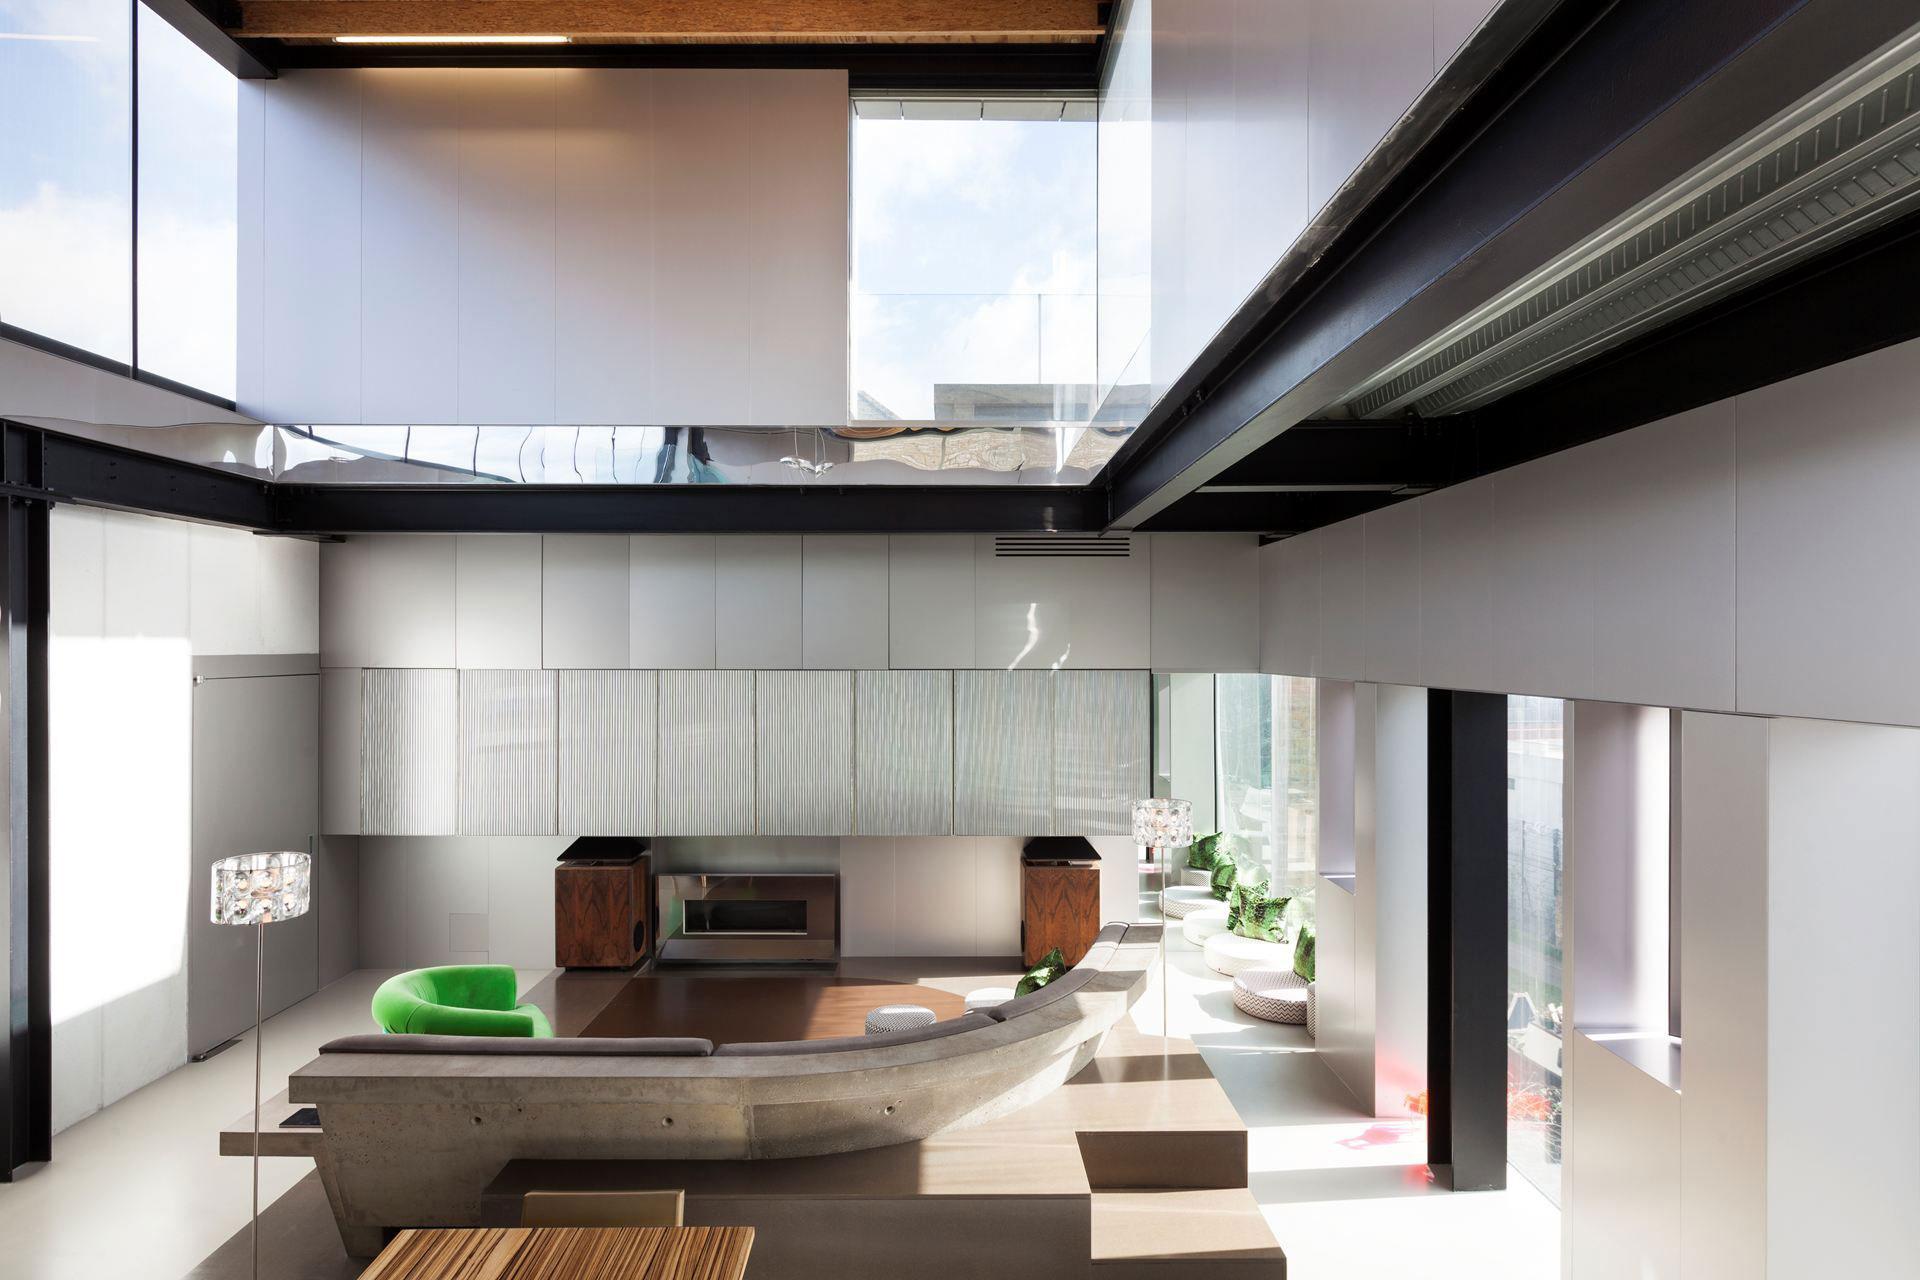 Silverlight Home in West London by Adjaye Associates-01